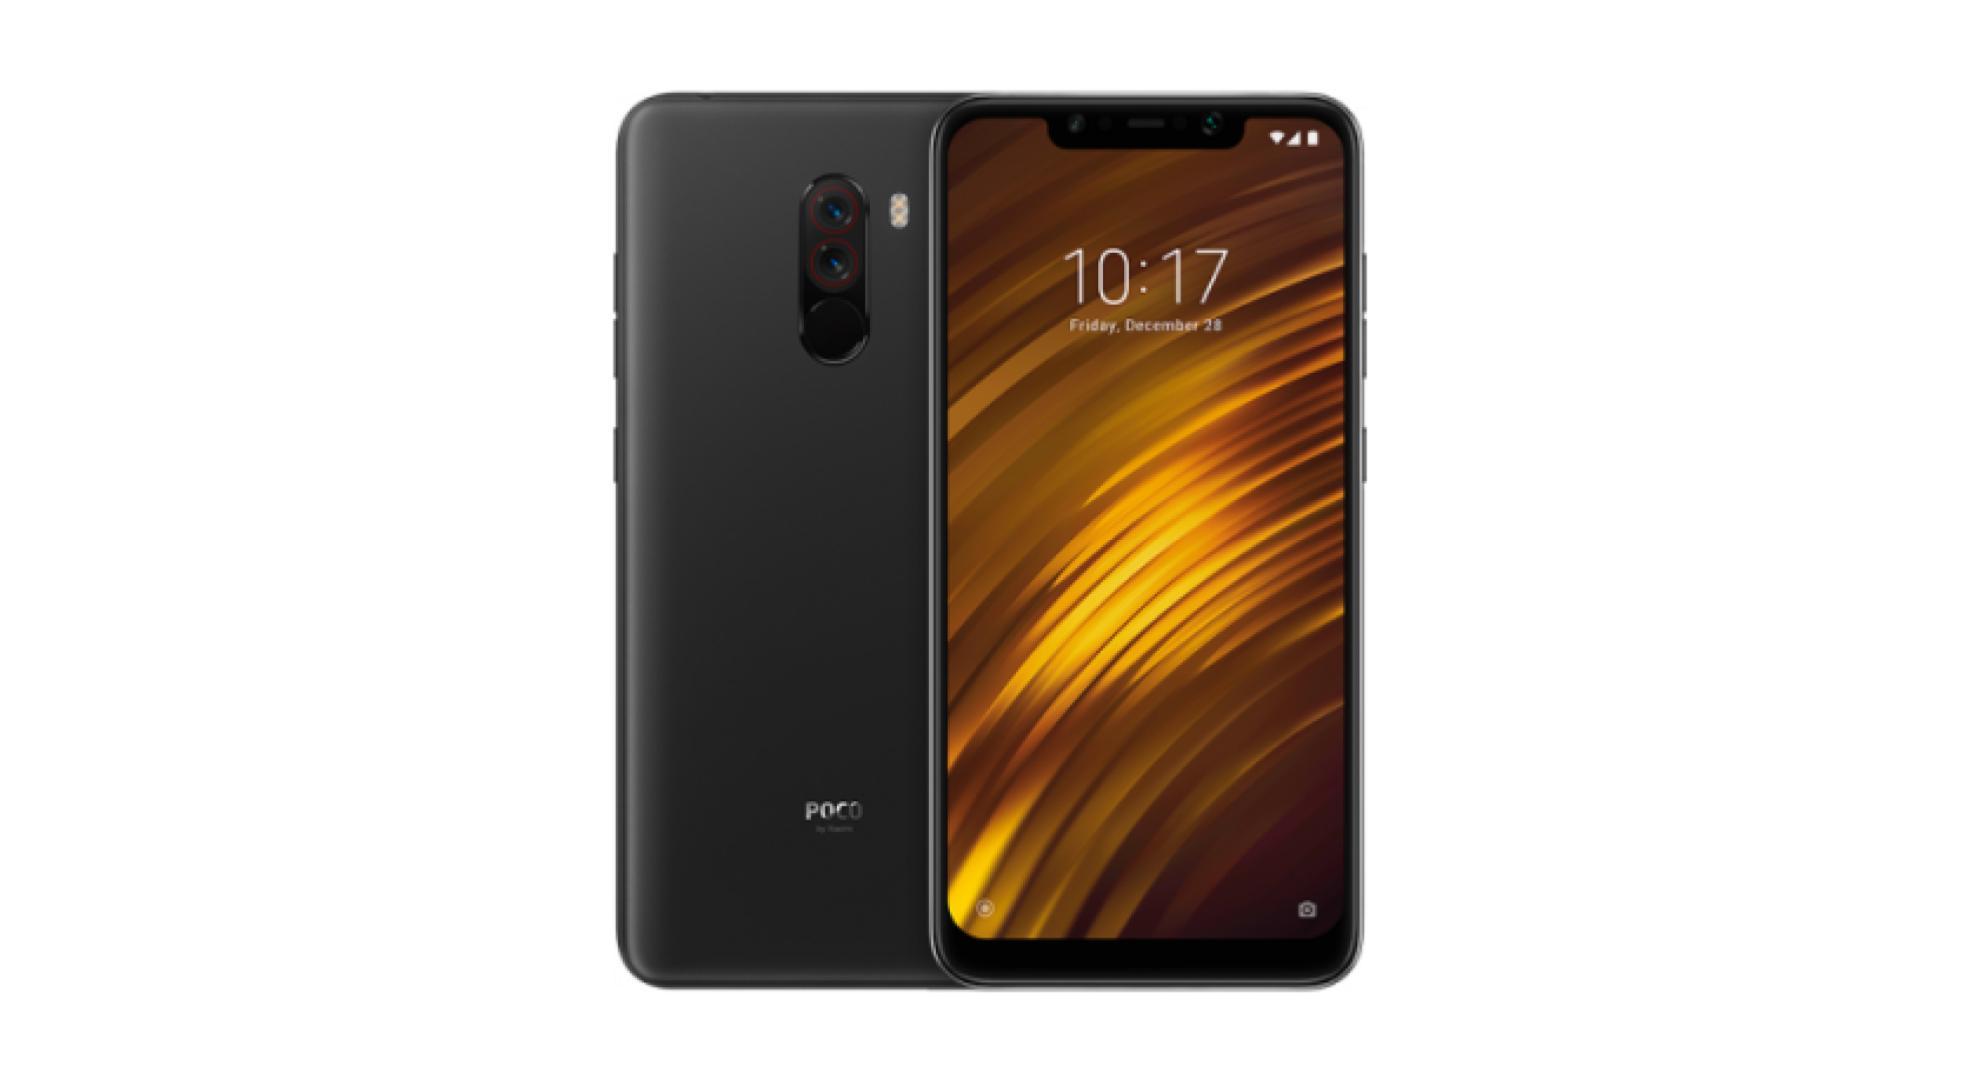 Où acheter le Xiaomi Pocophone F1 au meilleur prix en 2020 ?